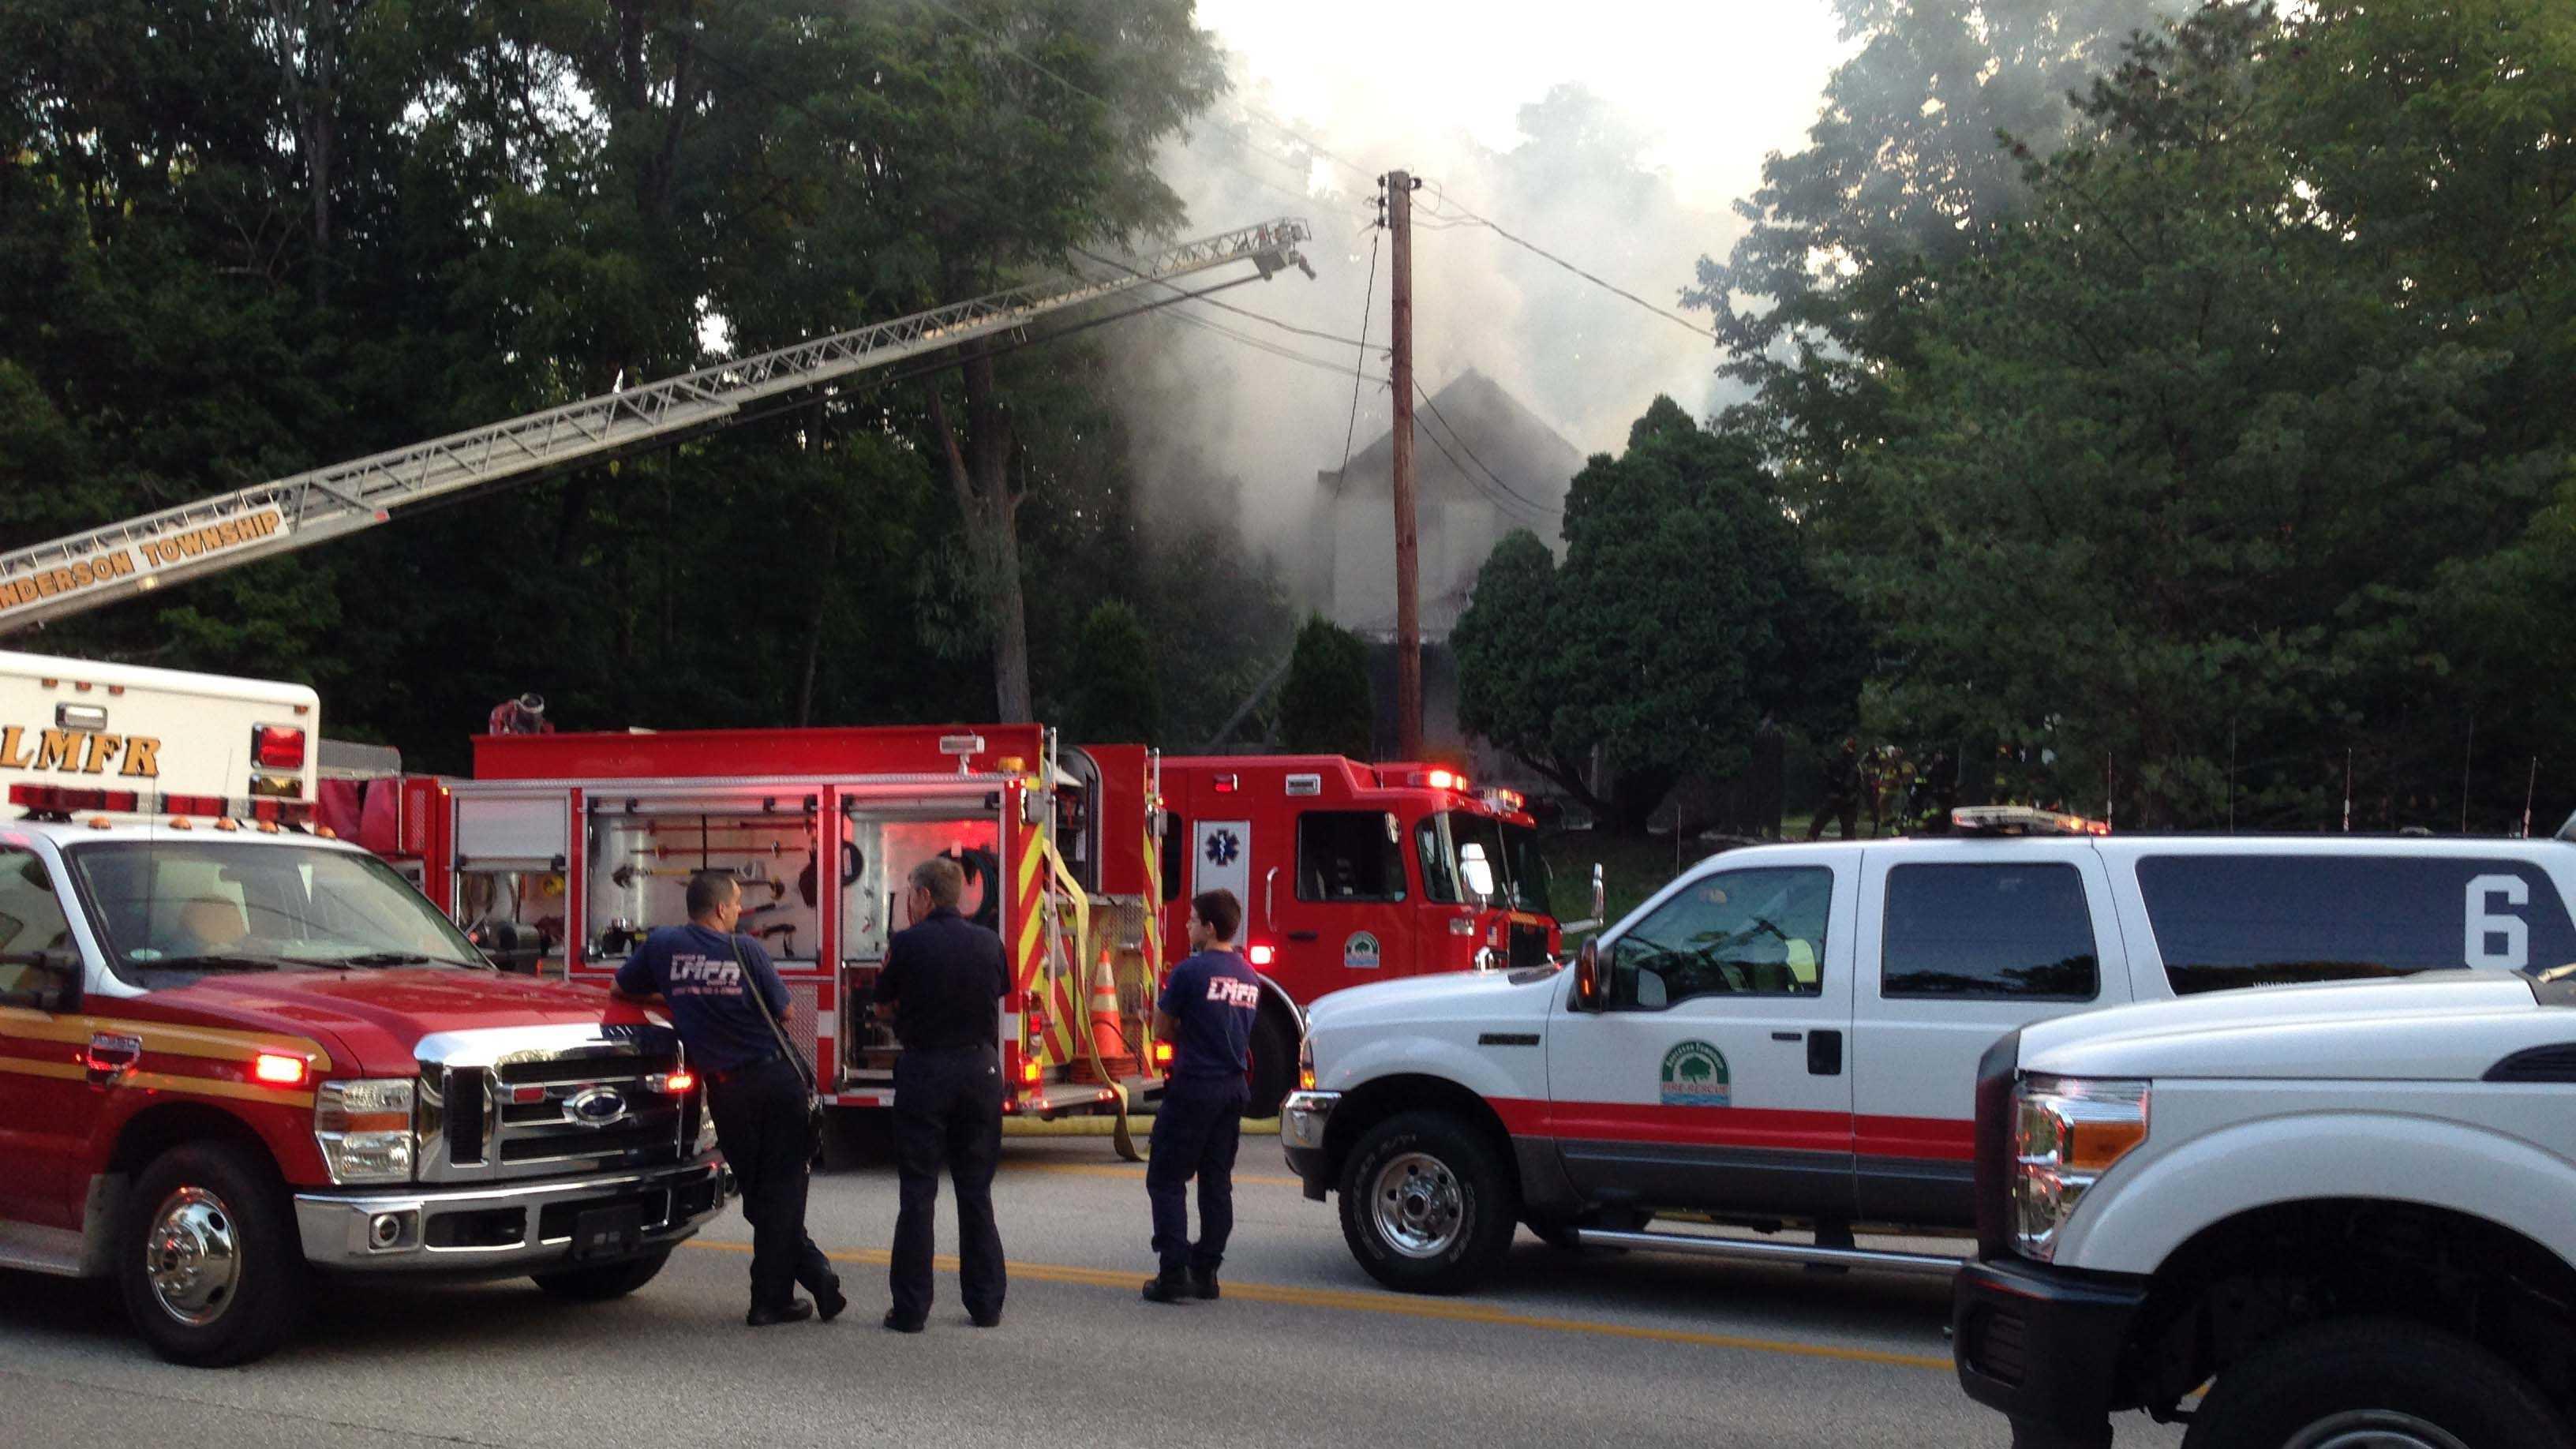 Beechmont fire 8-13 1.jpg